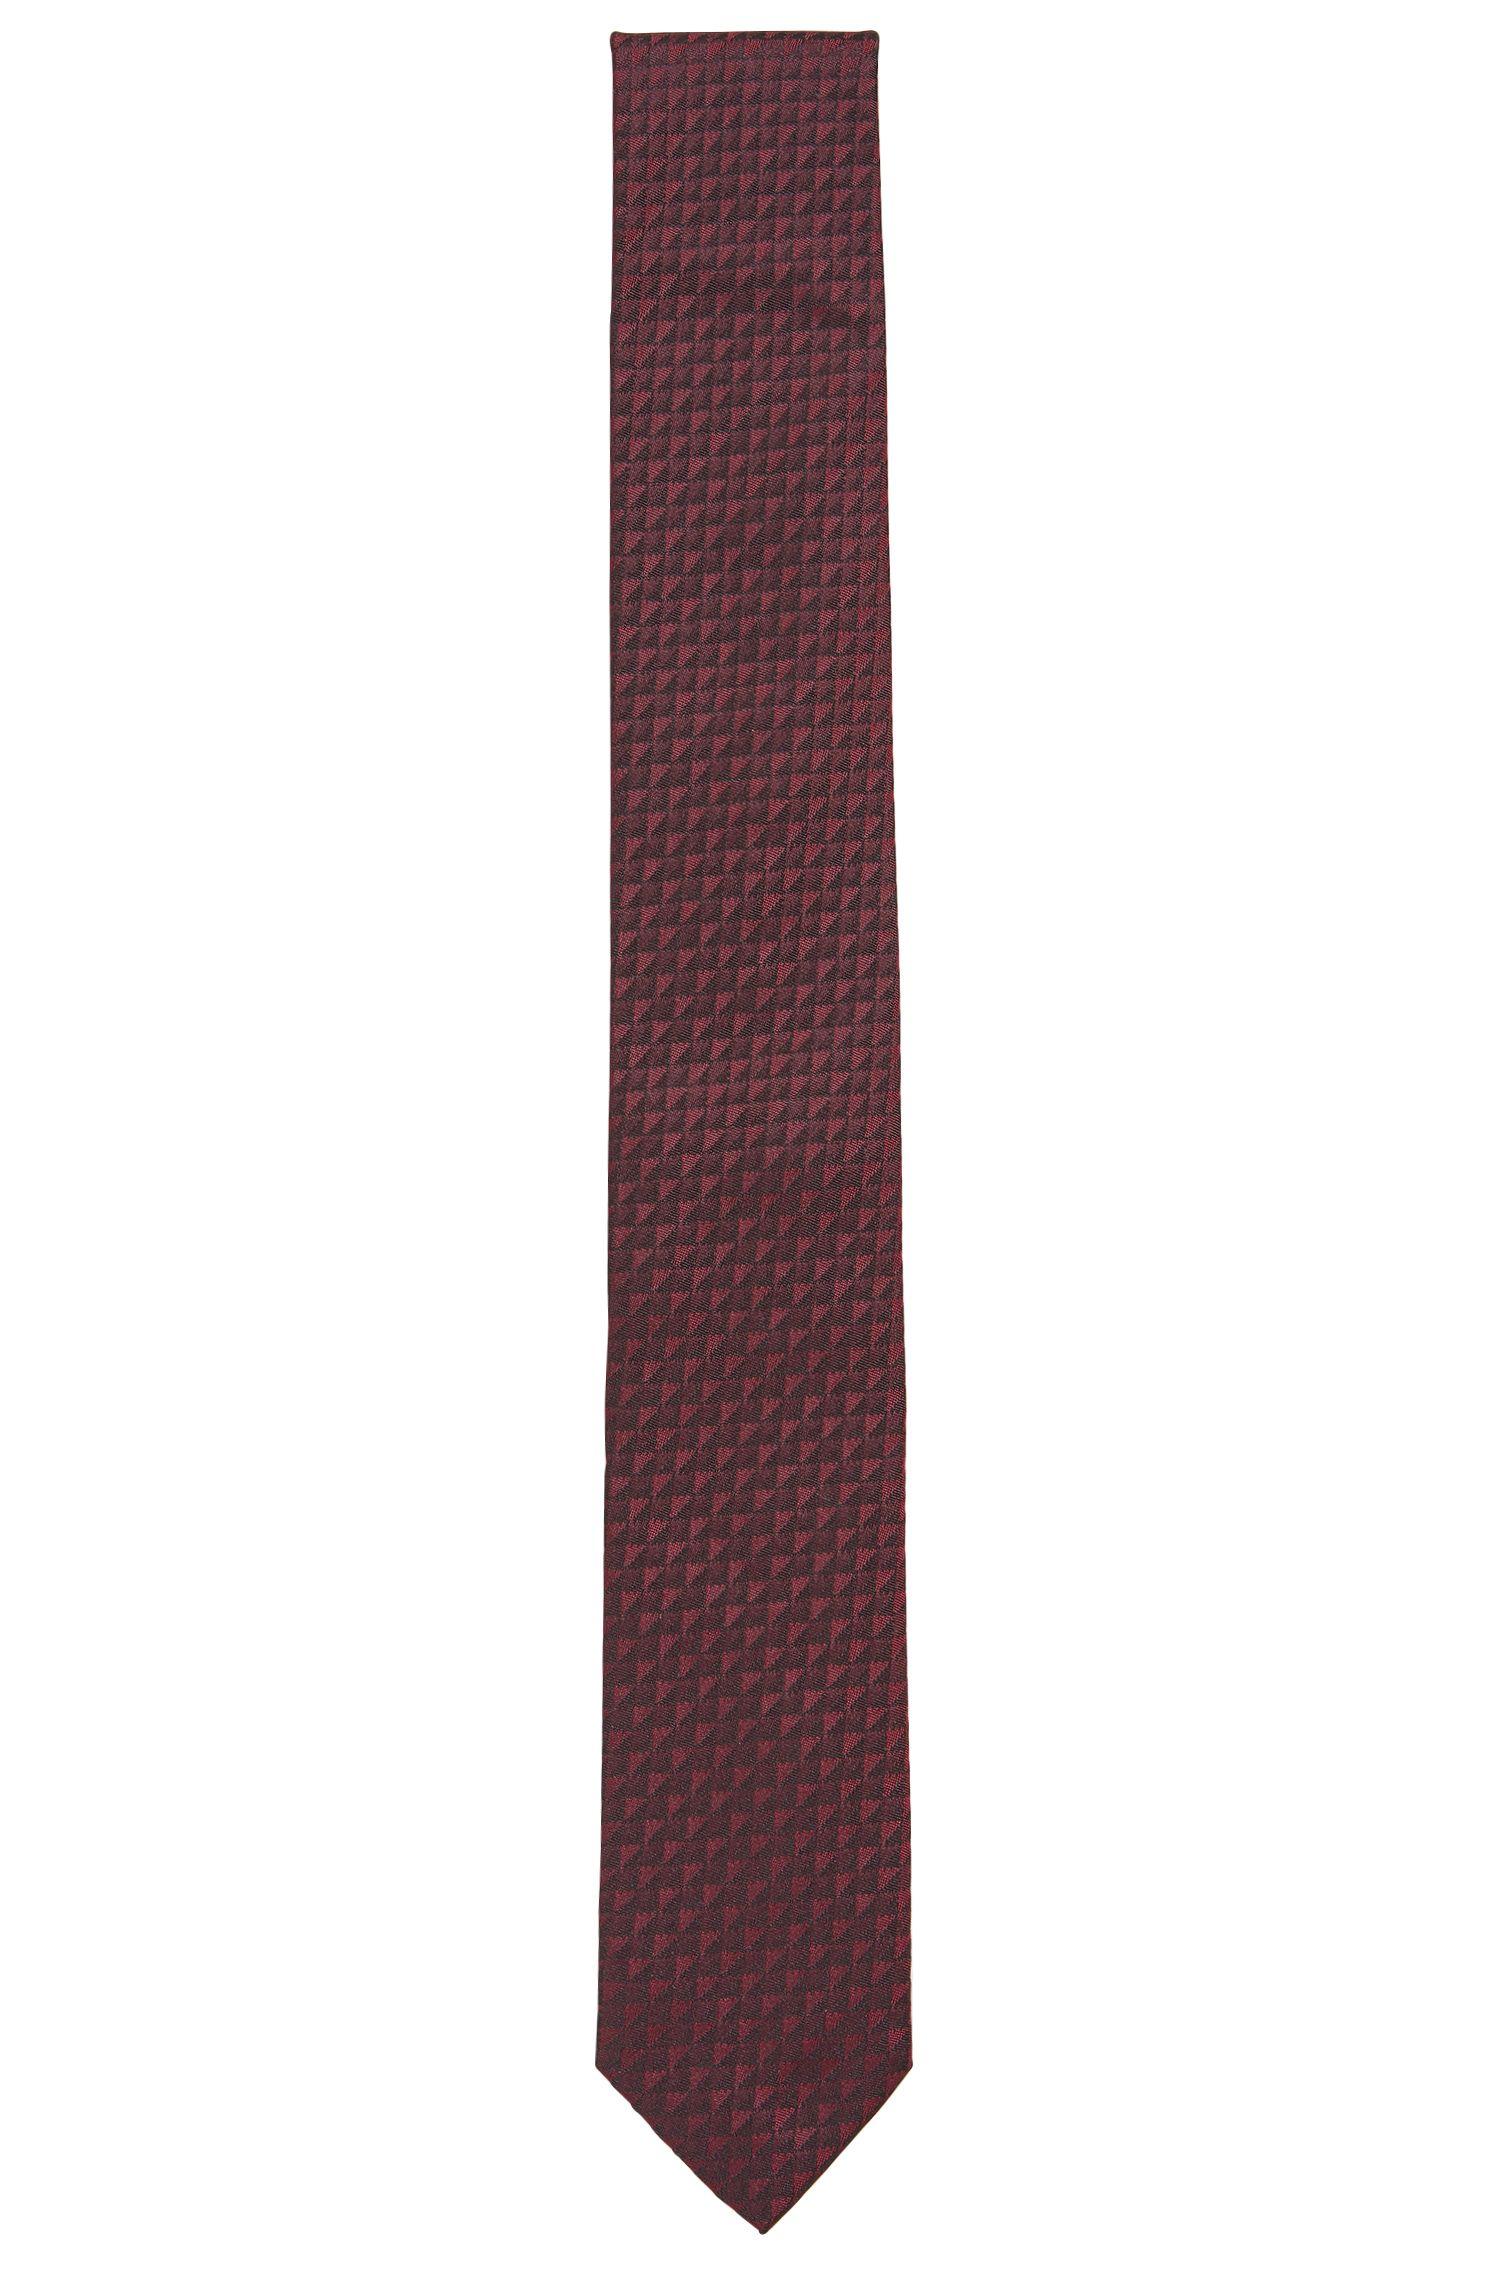 Cravate en jacquard de soie à micro-motif effet3D